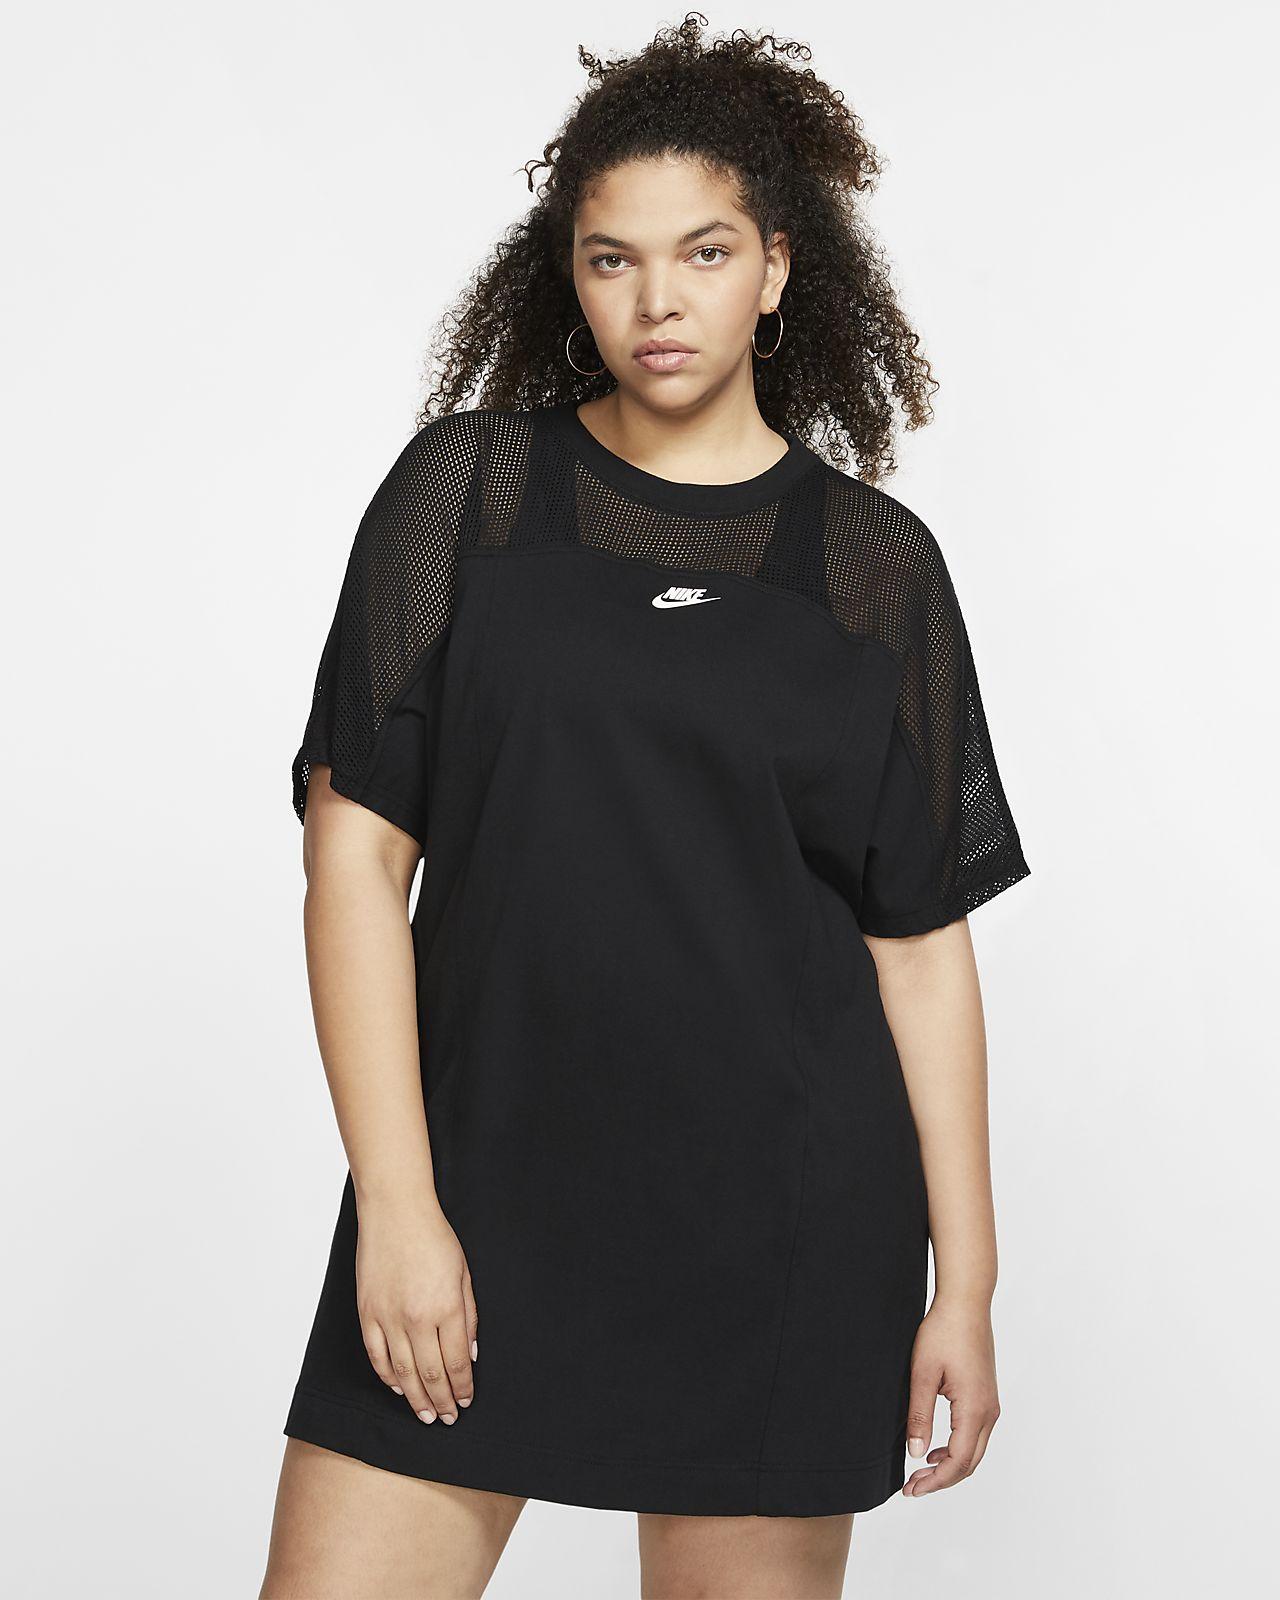 Klänning Nike Sportswear i mesh för kvinnor (stora storlekar)